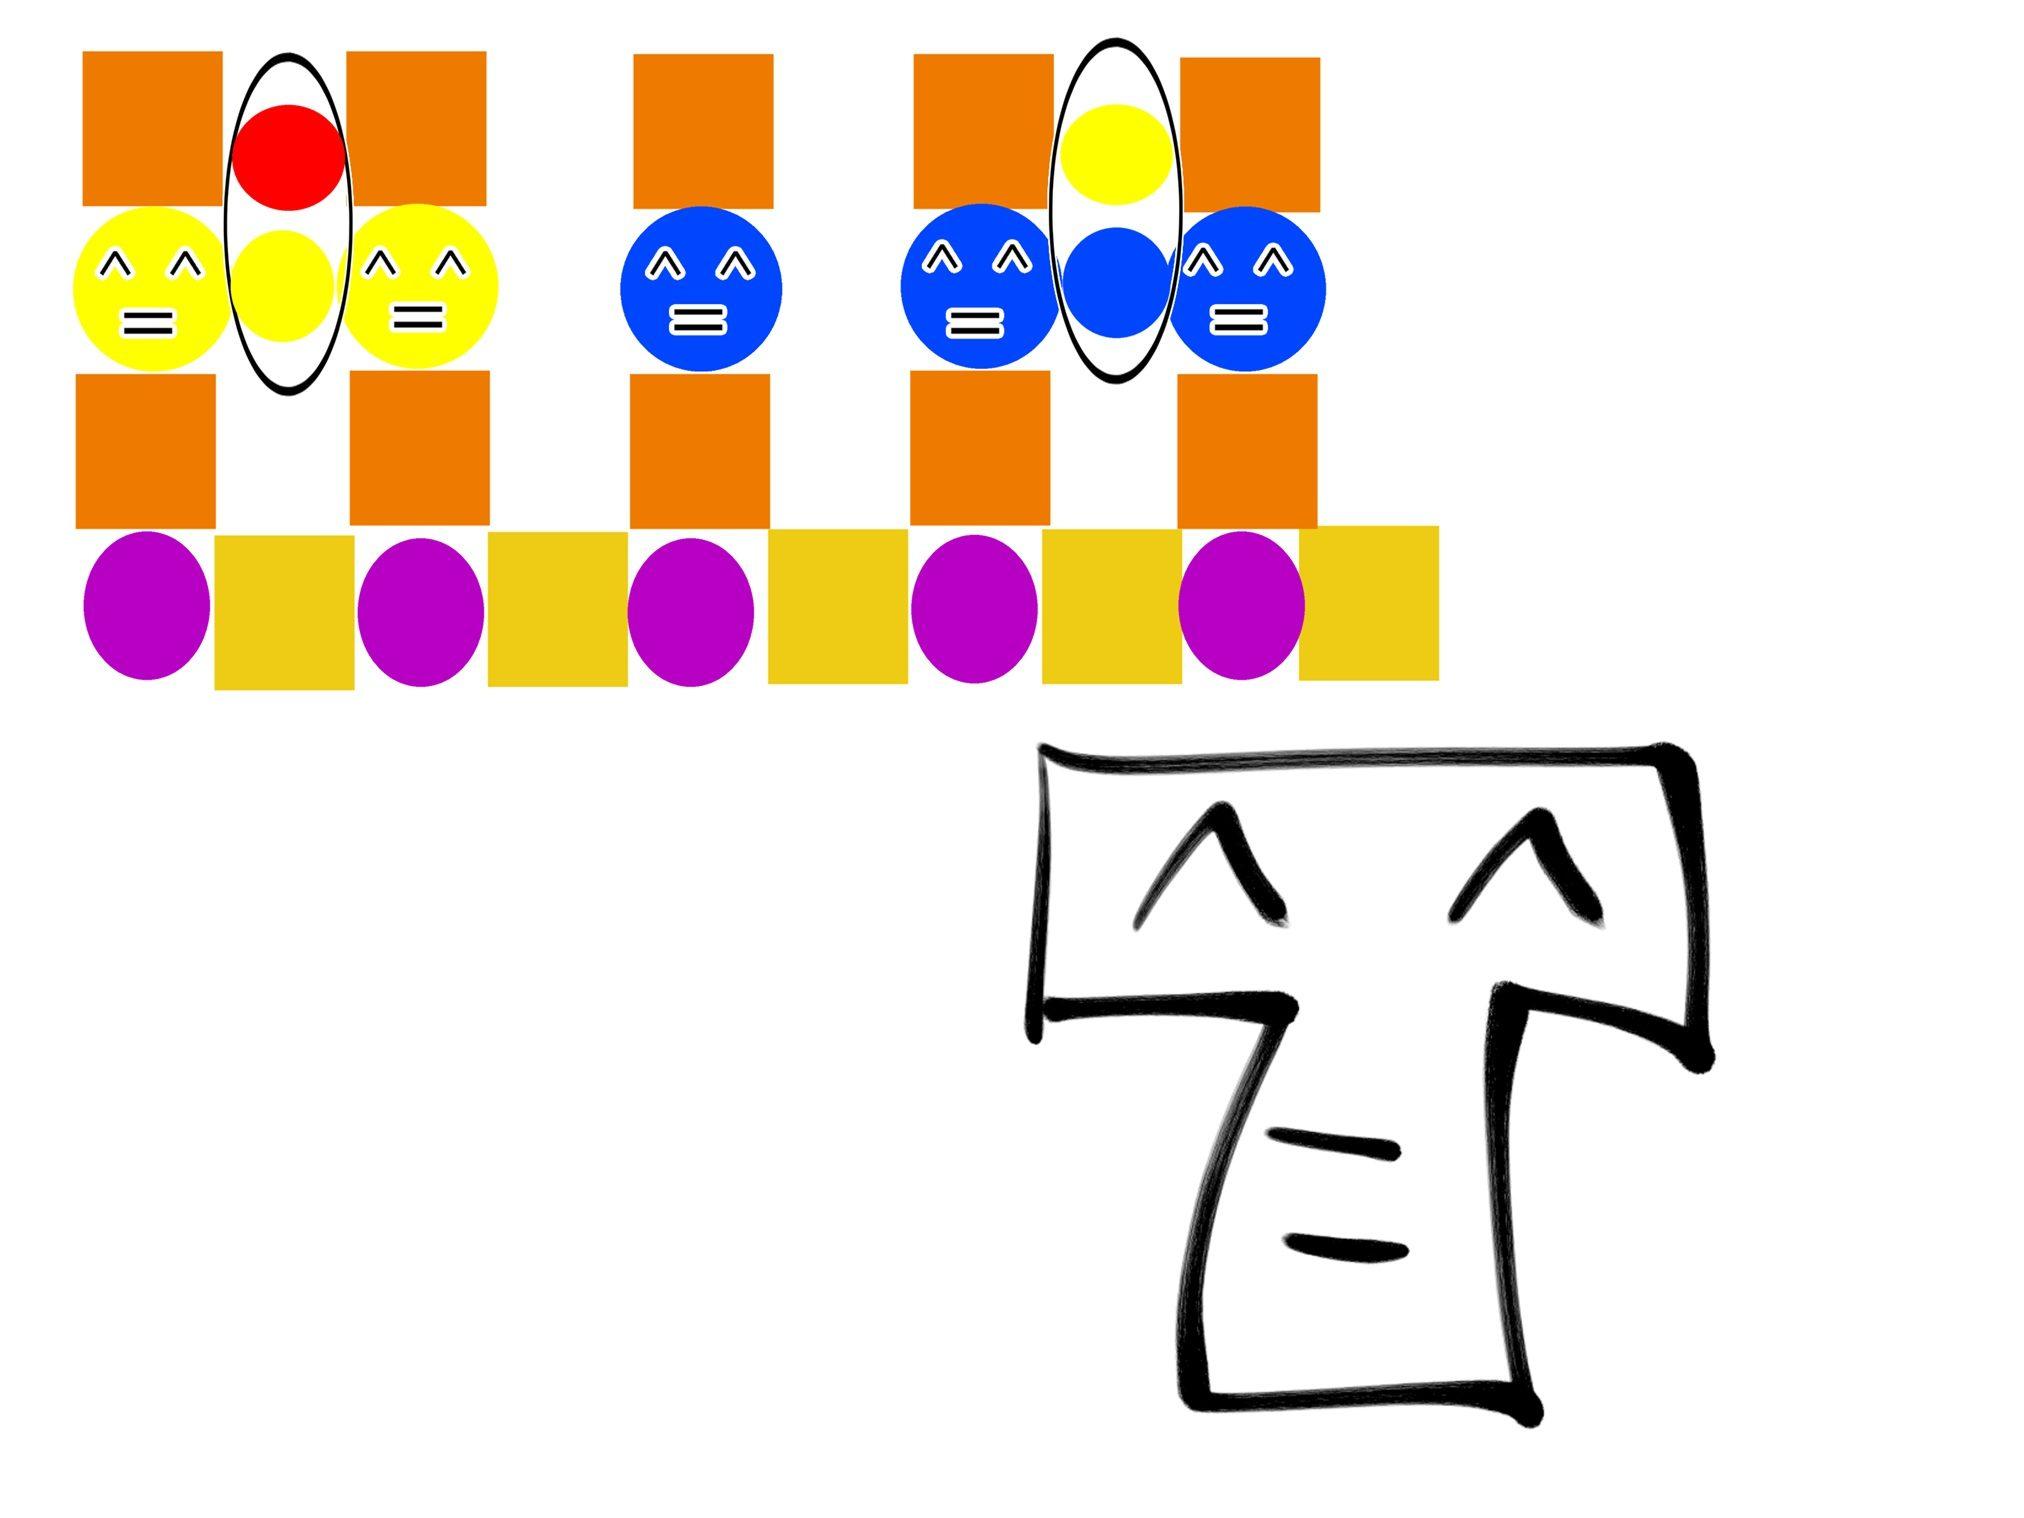 ドクターマリオワールド ステージ815 ドクターワリオ星3クリア Dr. Mario World stage815 3stars ドクターワリオで星3クリア攻略方法 スタート時はまずブロックを壊す